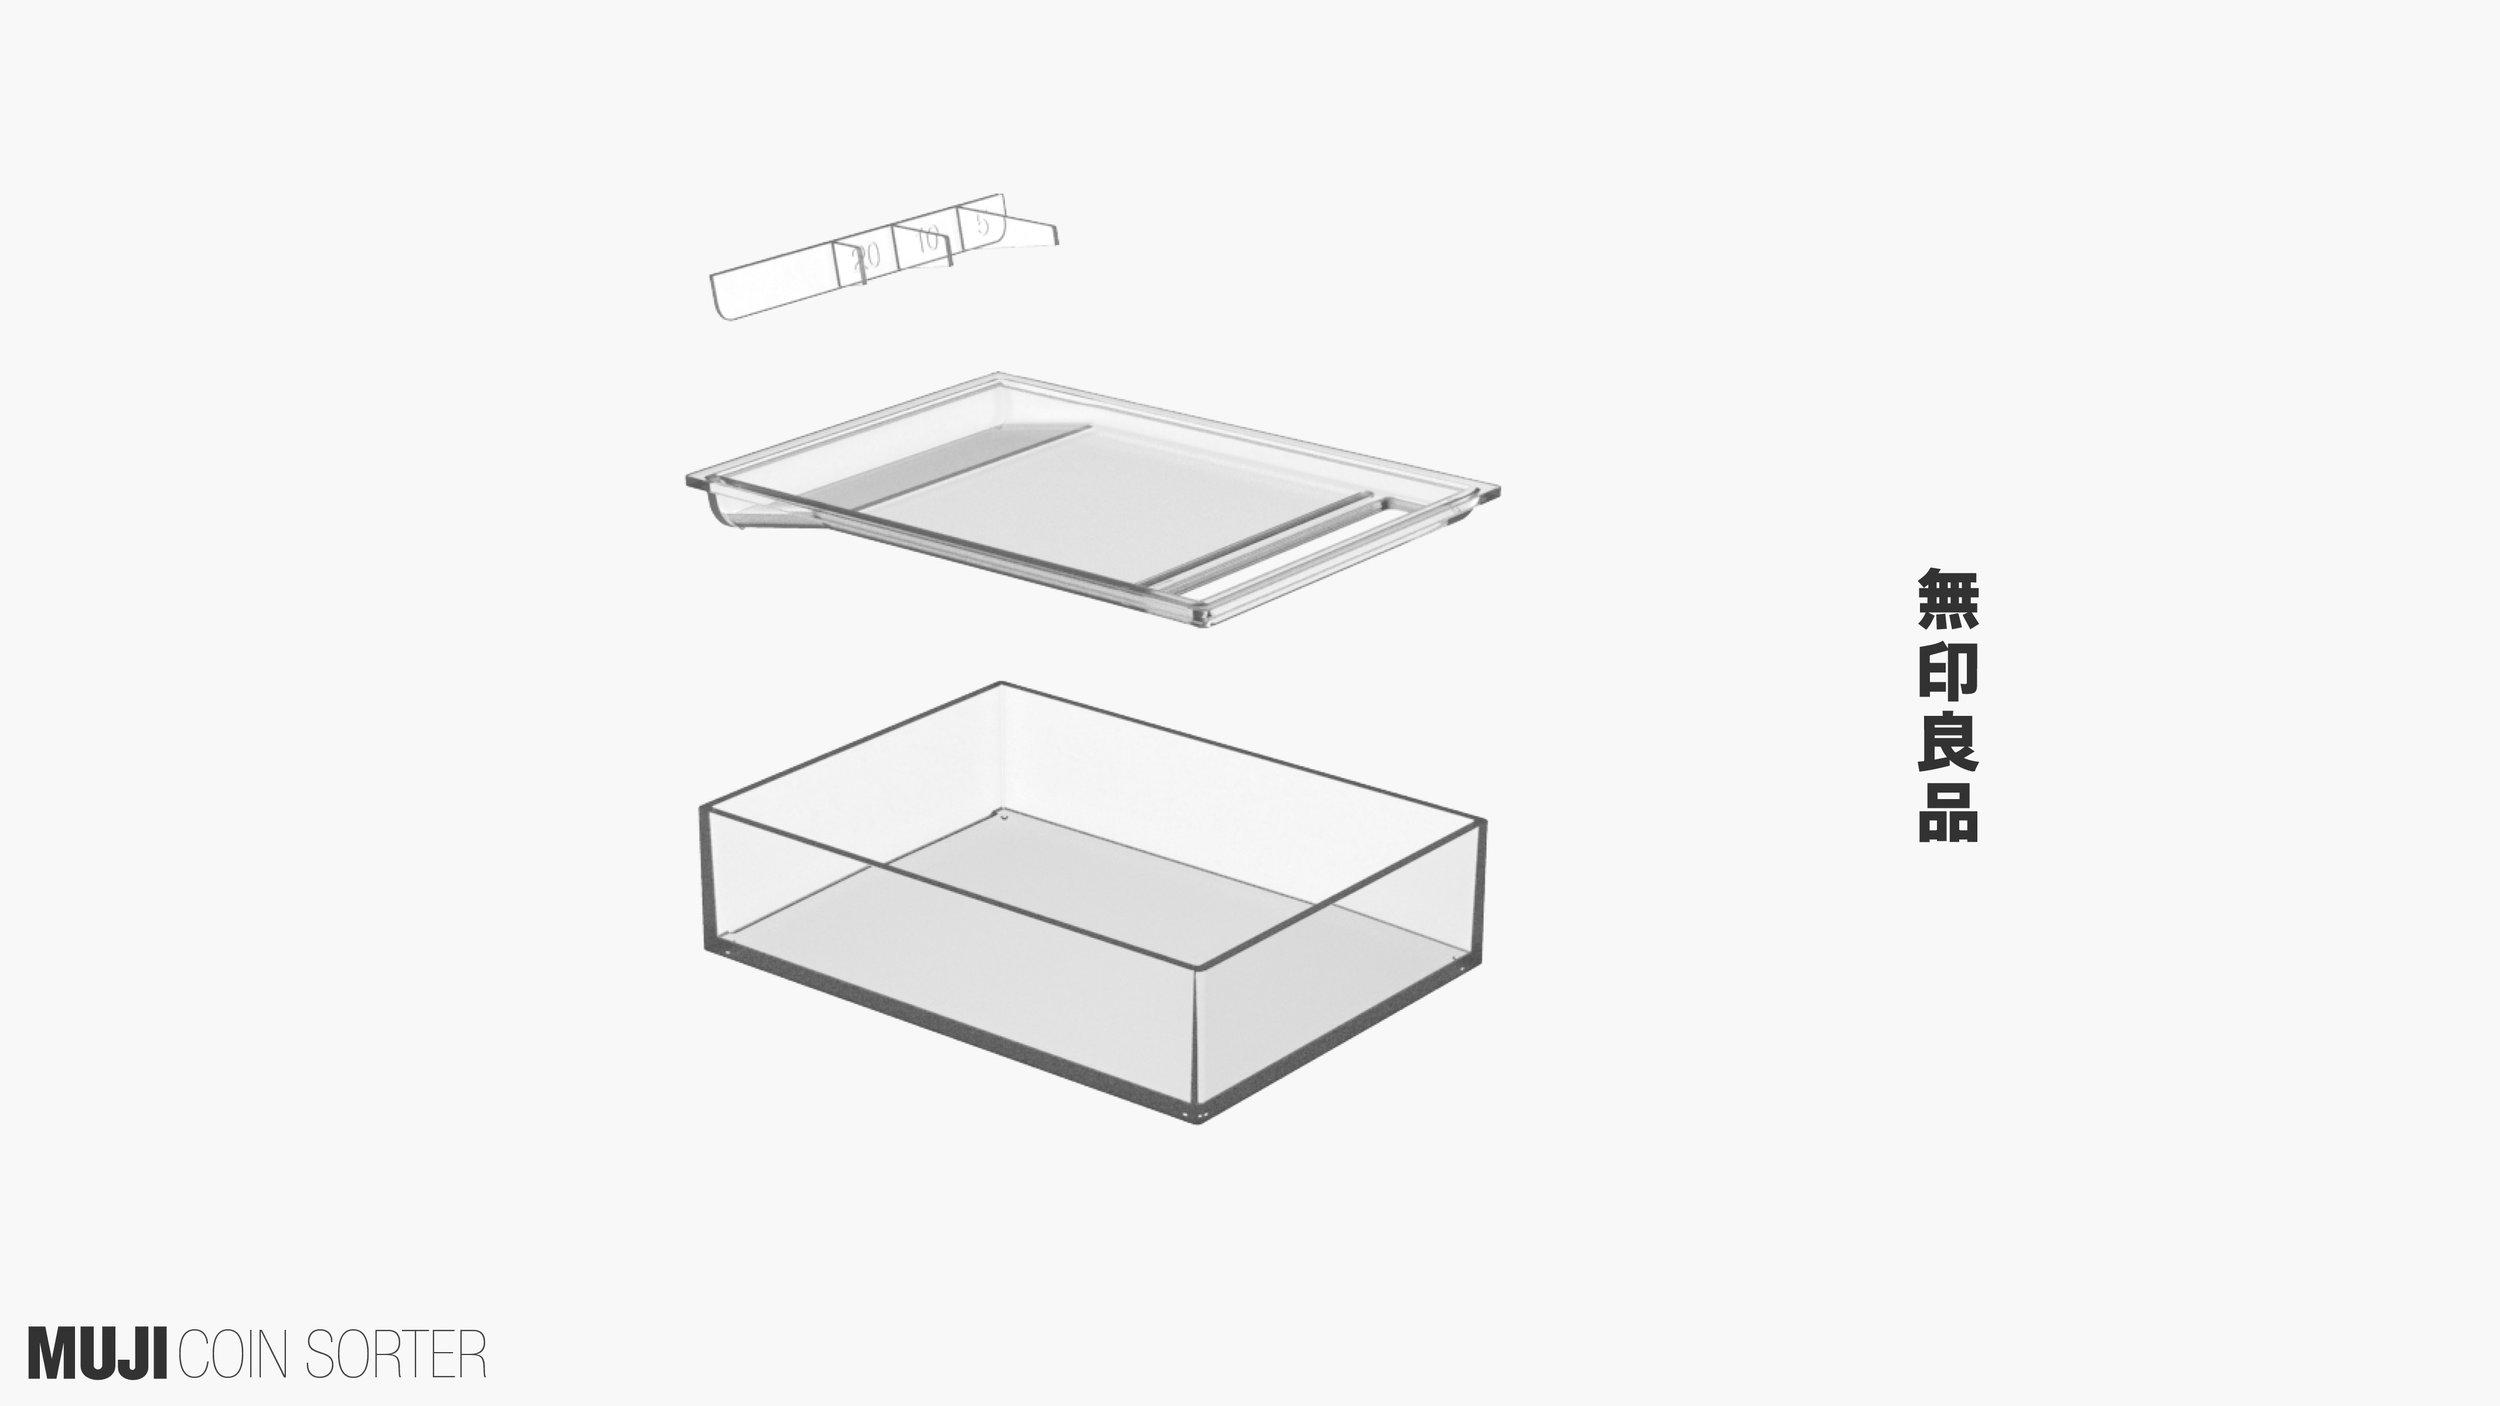 unit11_Muji_Presentation_Huanwen JIAO_SUPER LOW RES65.jpg